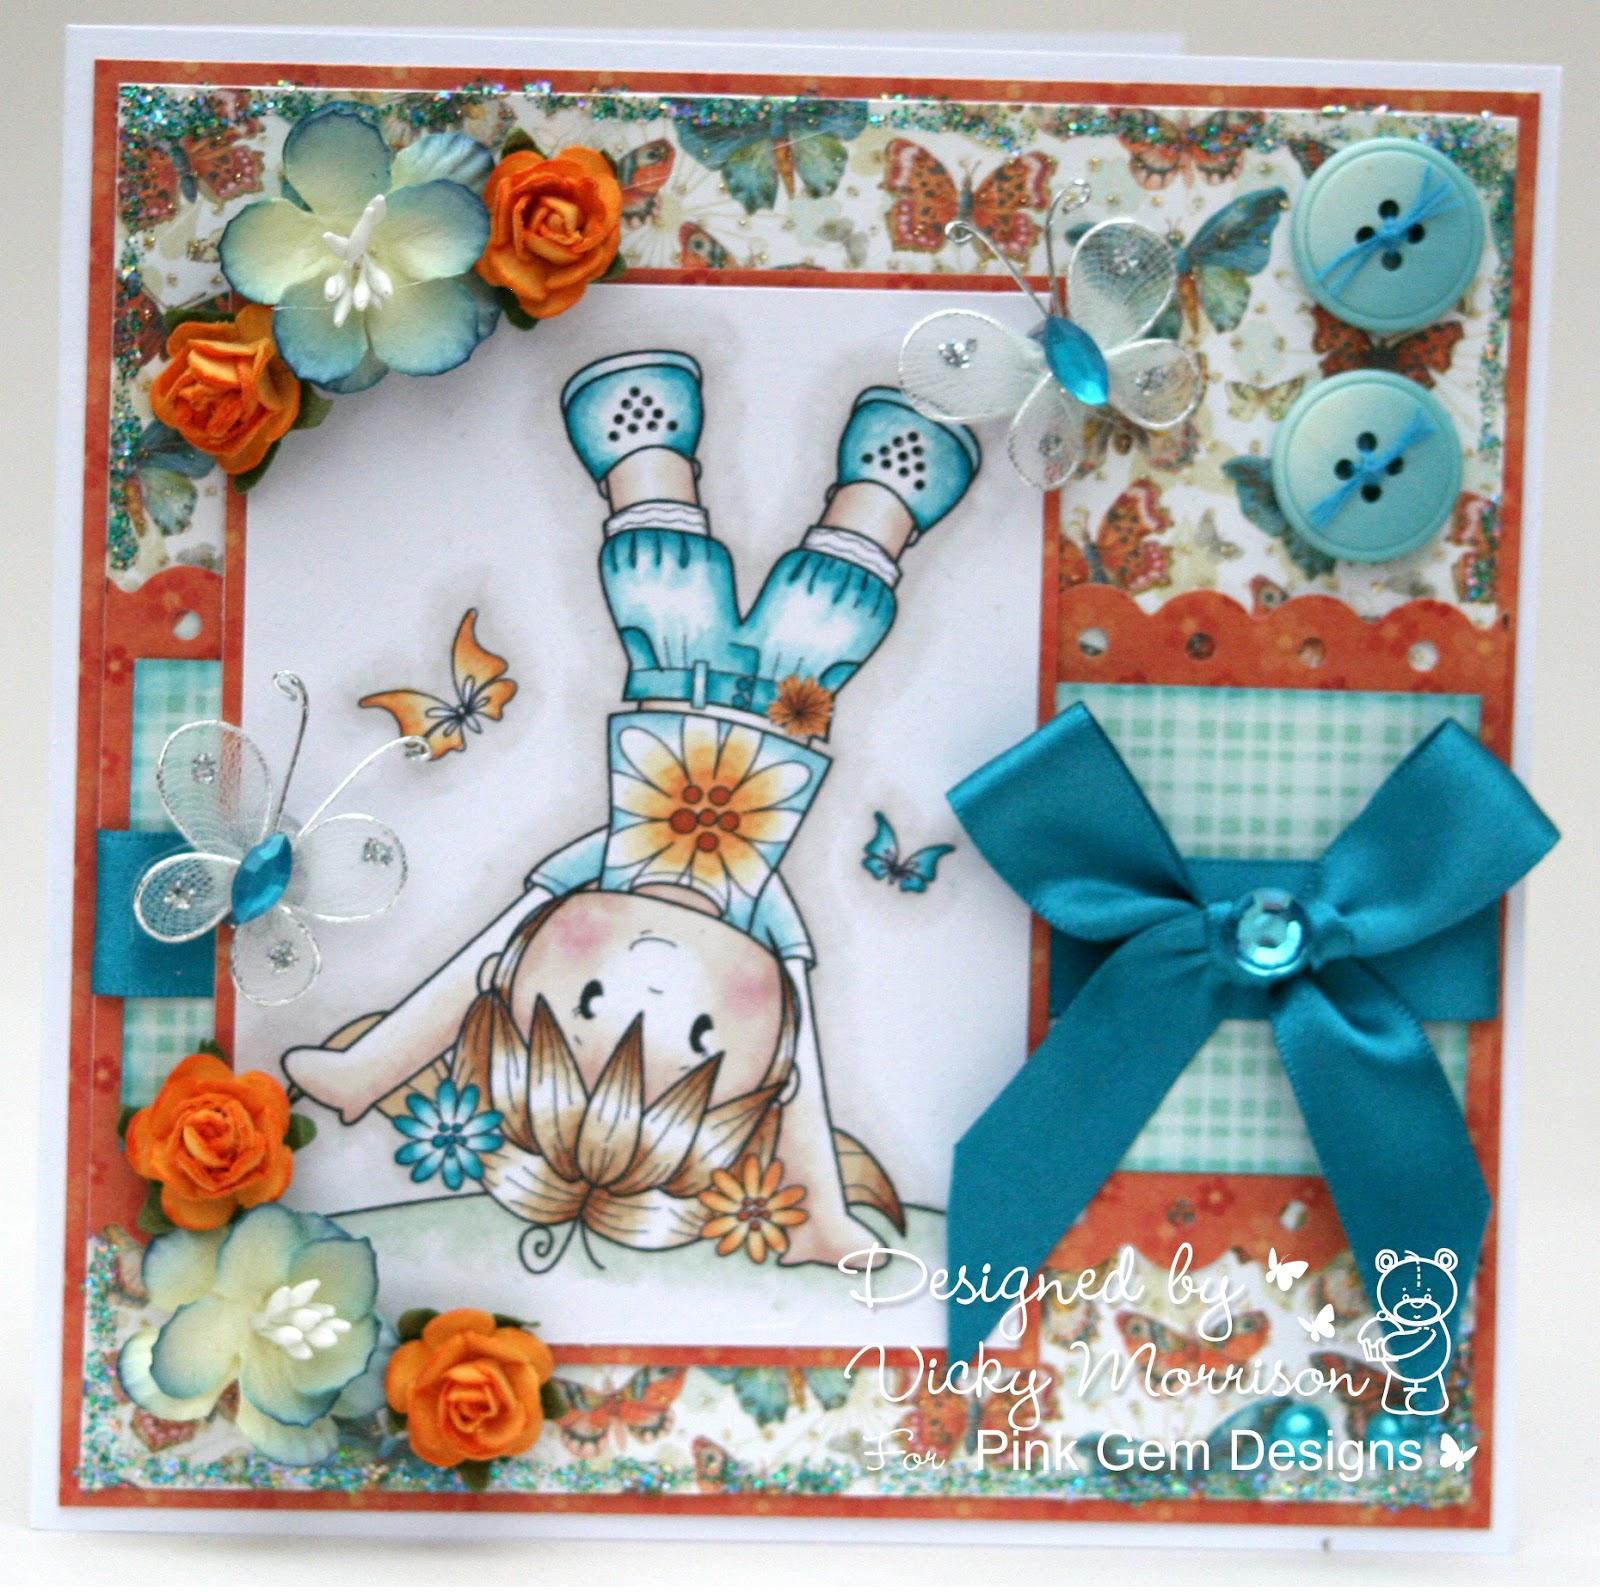 http://3.bp.blogspot.com/-Q15lWunZxk4/T-Aj-H6-ogI/AAAAAAAAA9w/ykM6NNUBfI0/s1600/bowsbutterfliesblingbuttons+pg.jpg